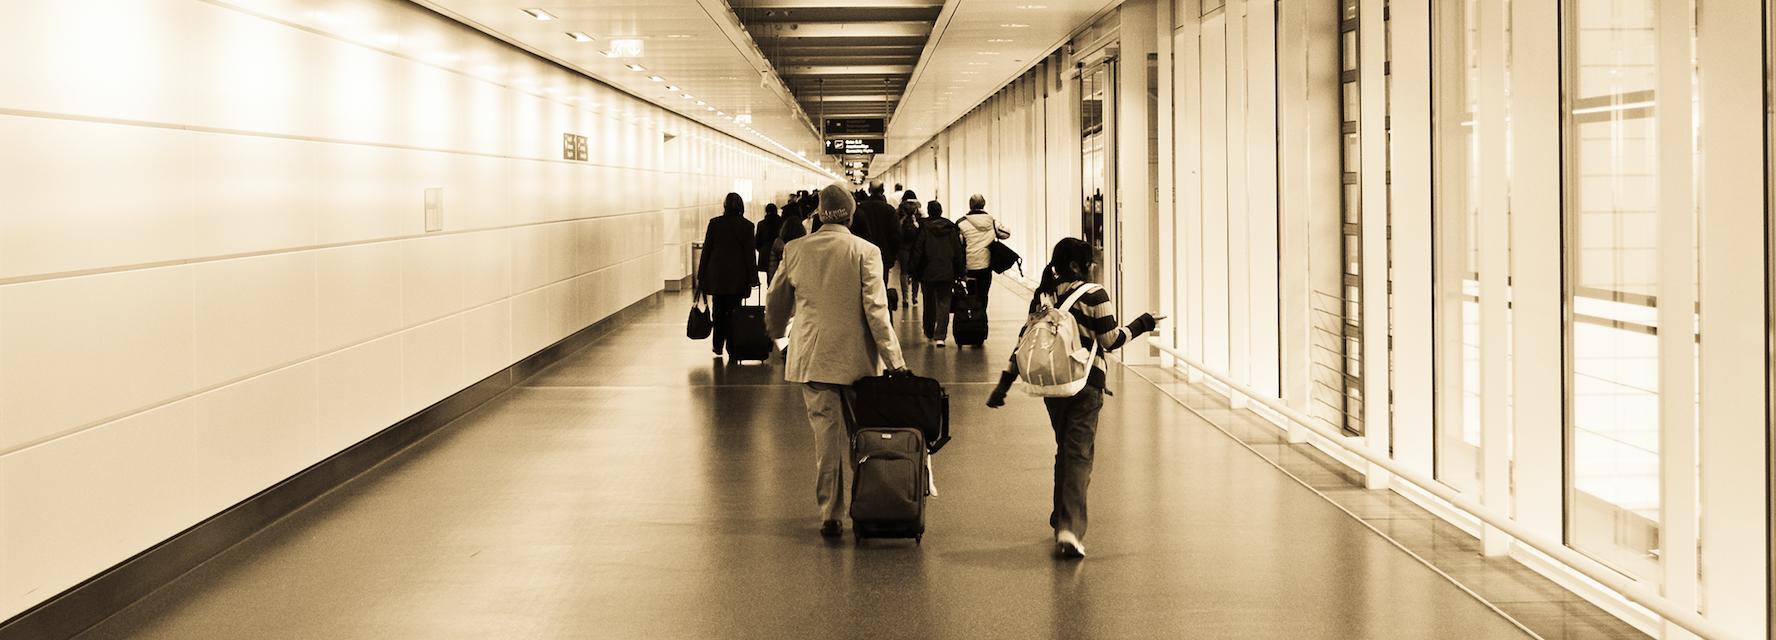 vocabulario-de-frances-aeroporto